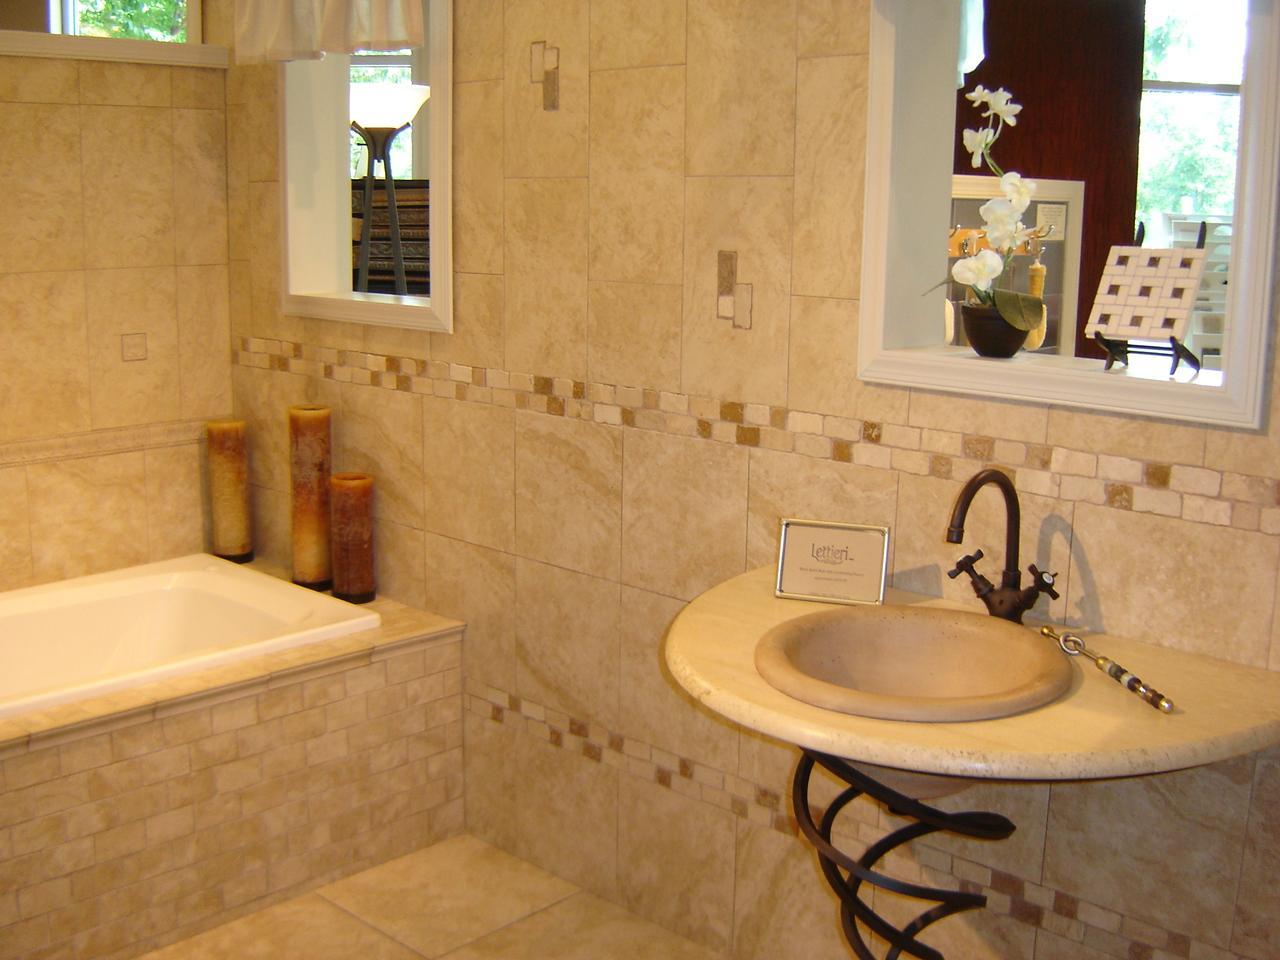 bathroom wall tile ideas for small bathrooms photo - 1